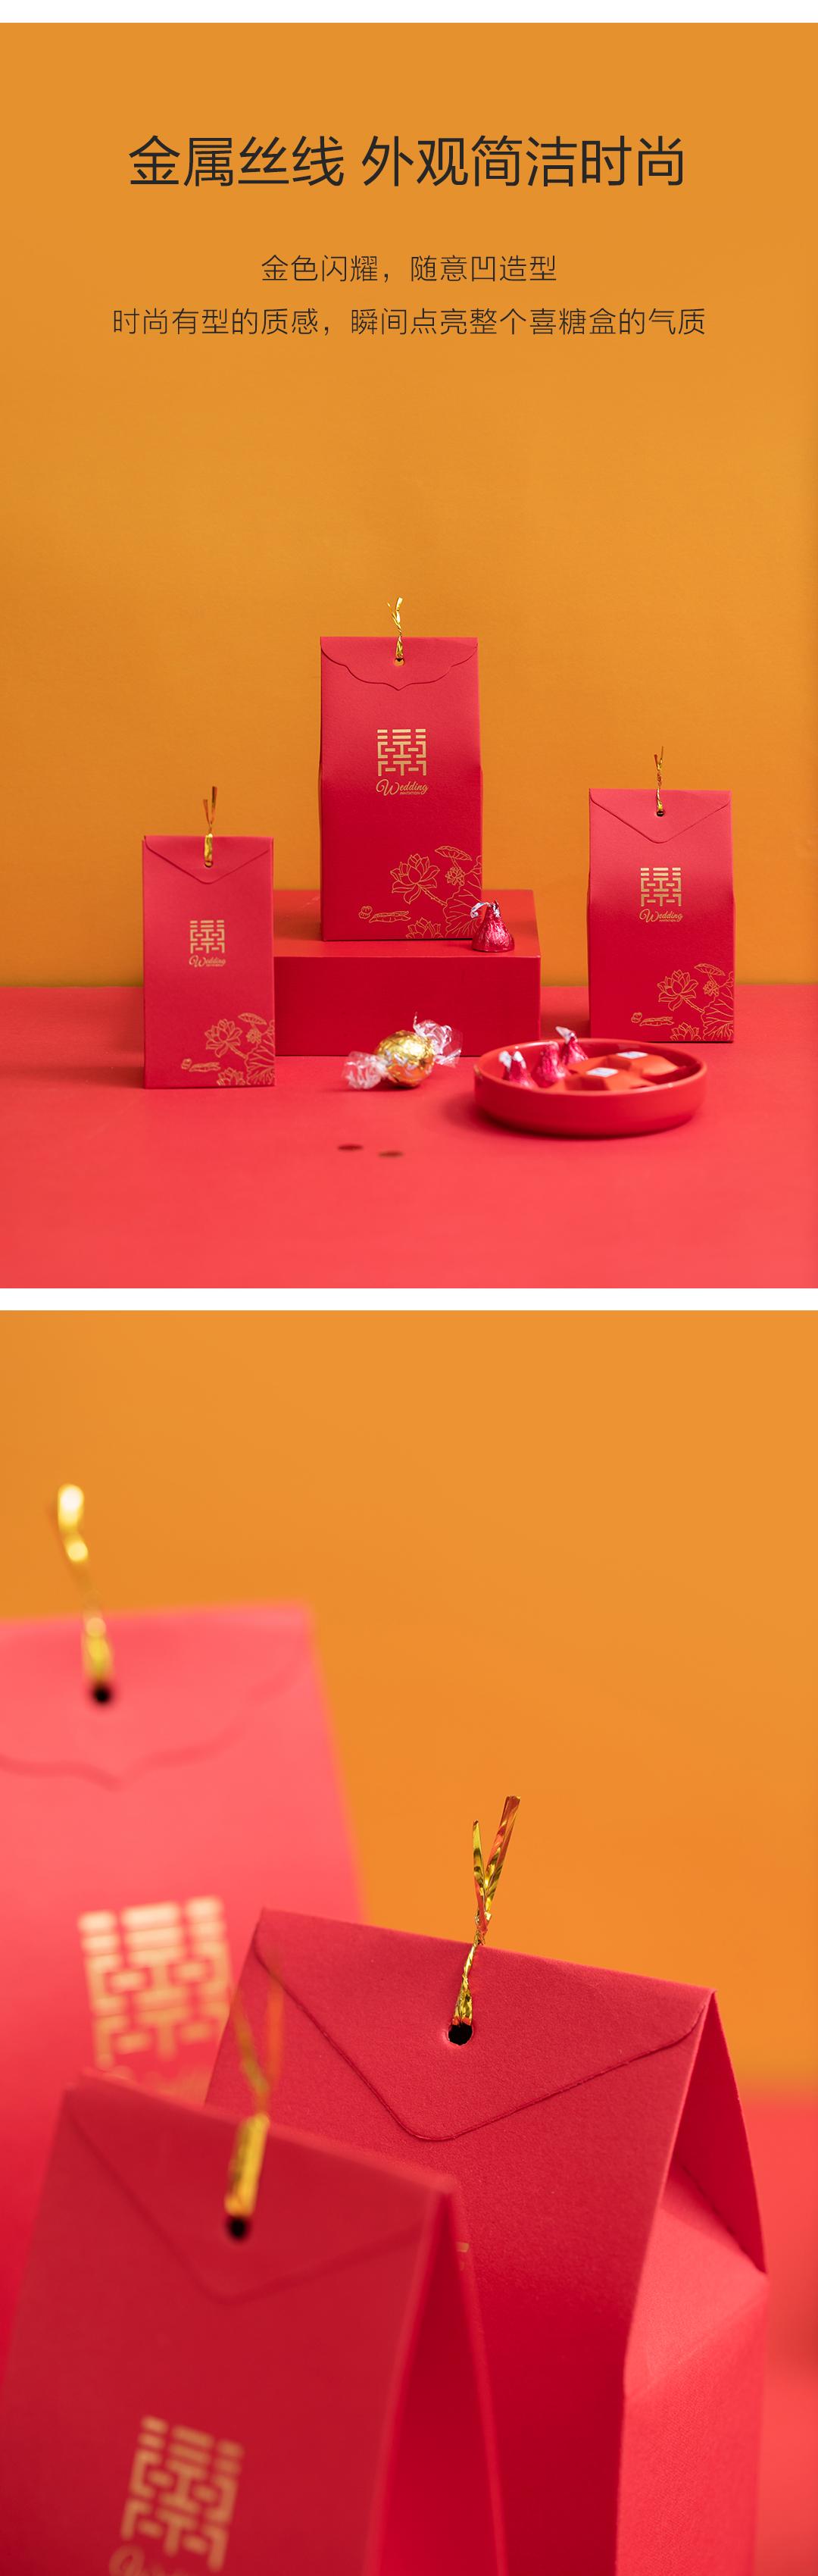 【大号可装烟】荷并蒂莲喜糖盒